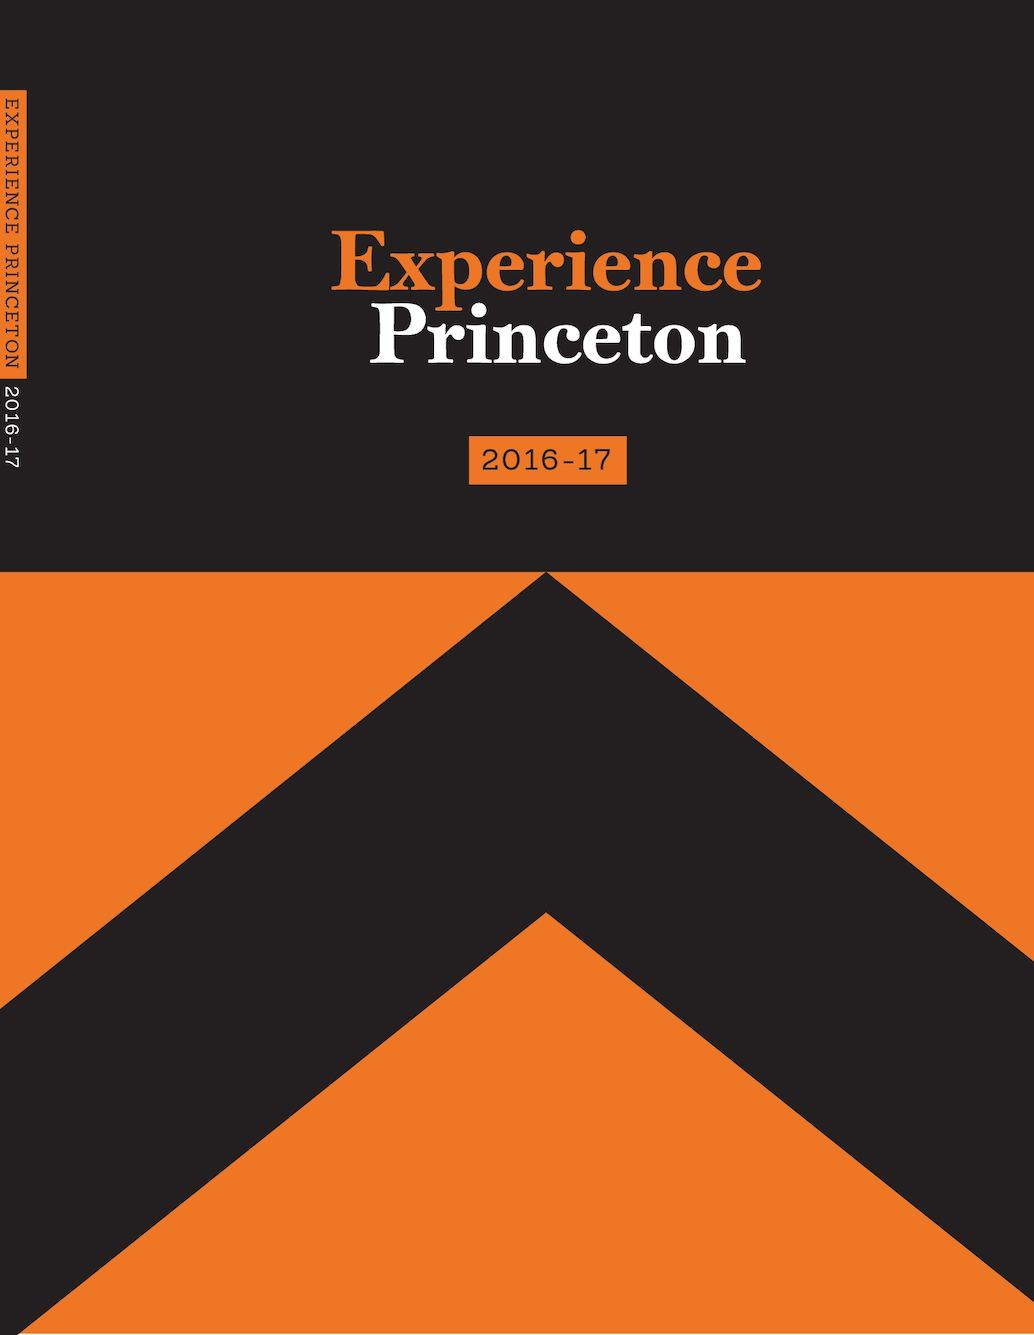 Experience Princeton 2016